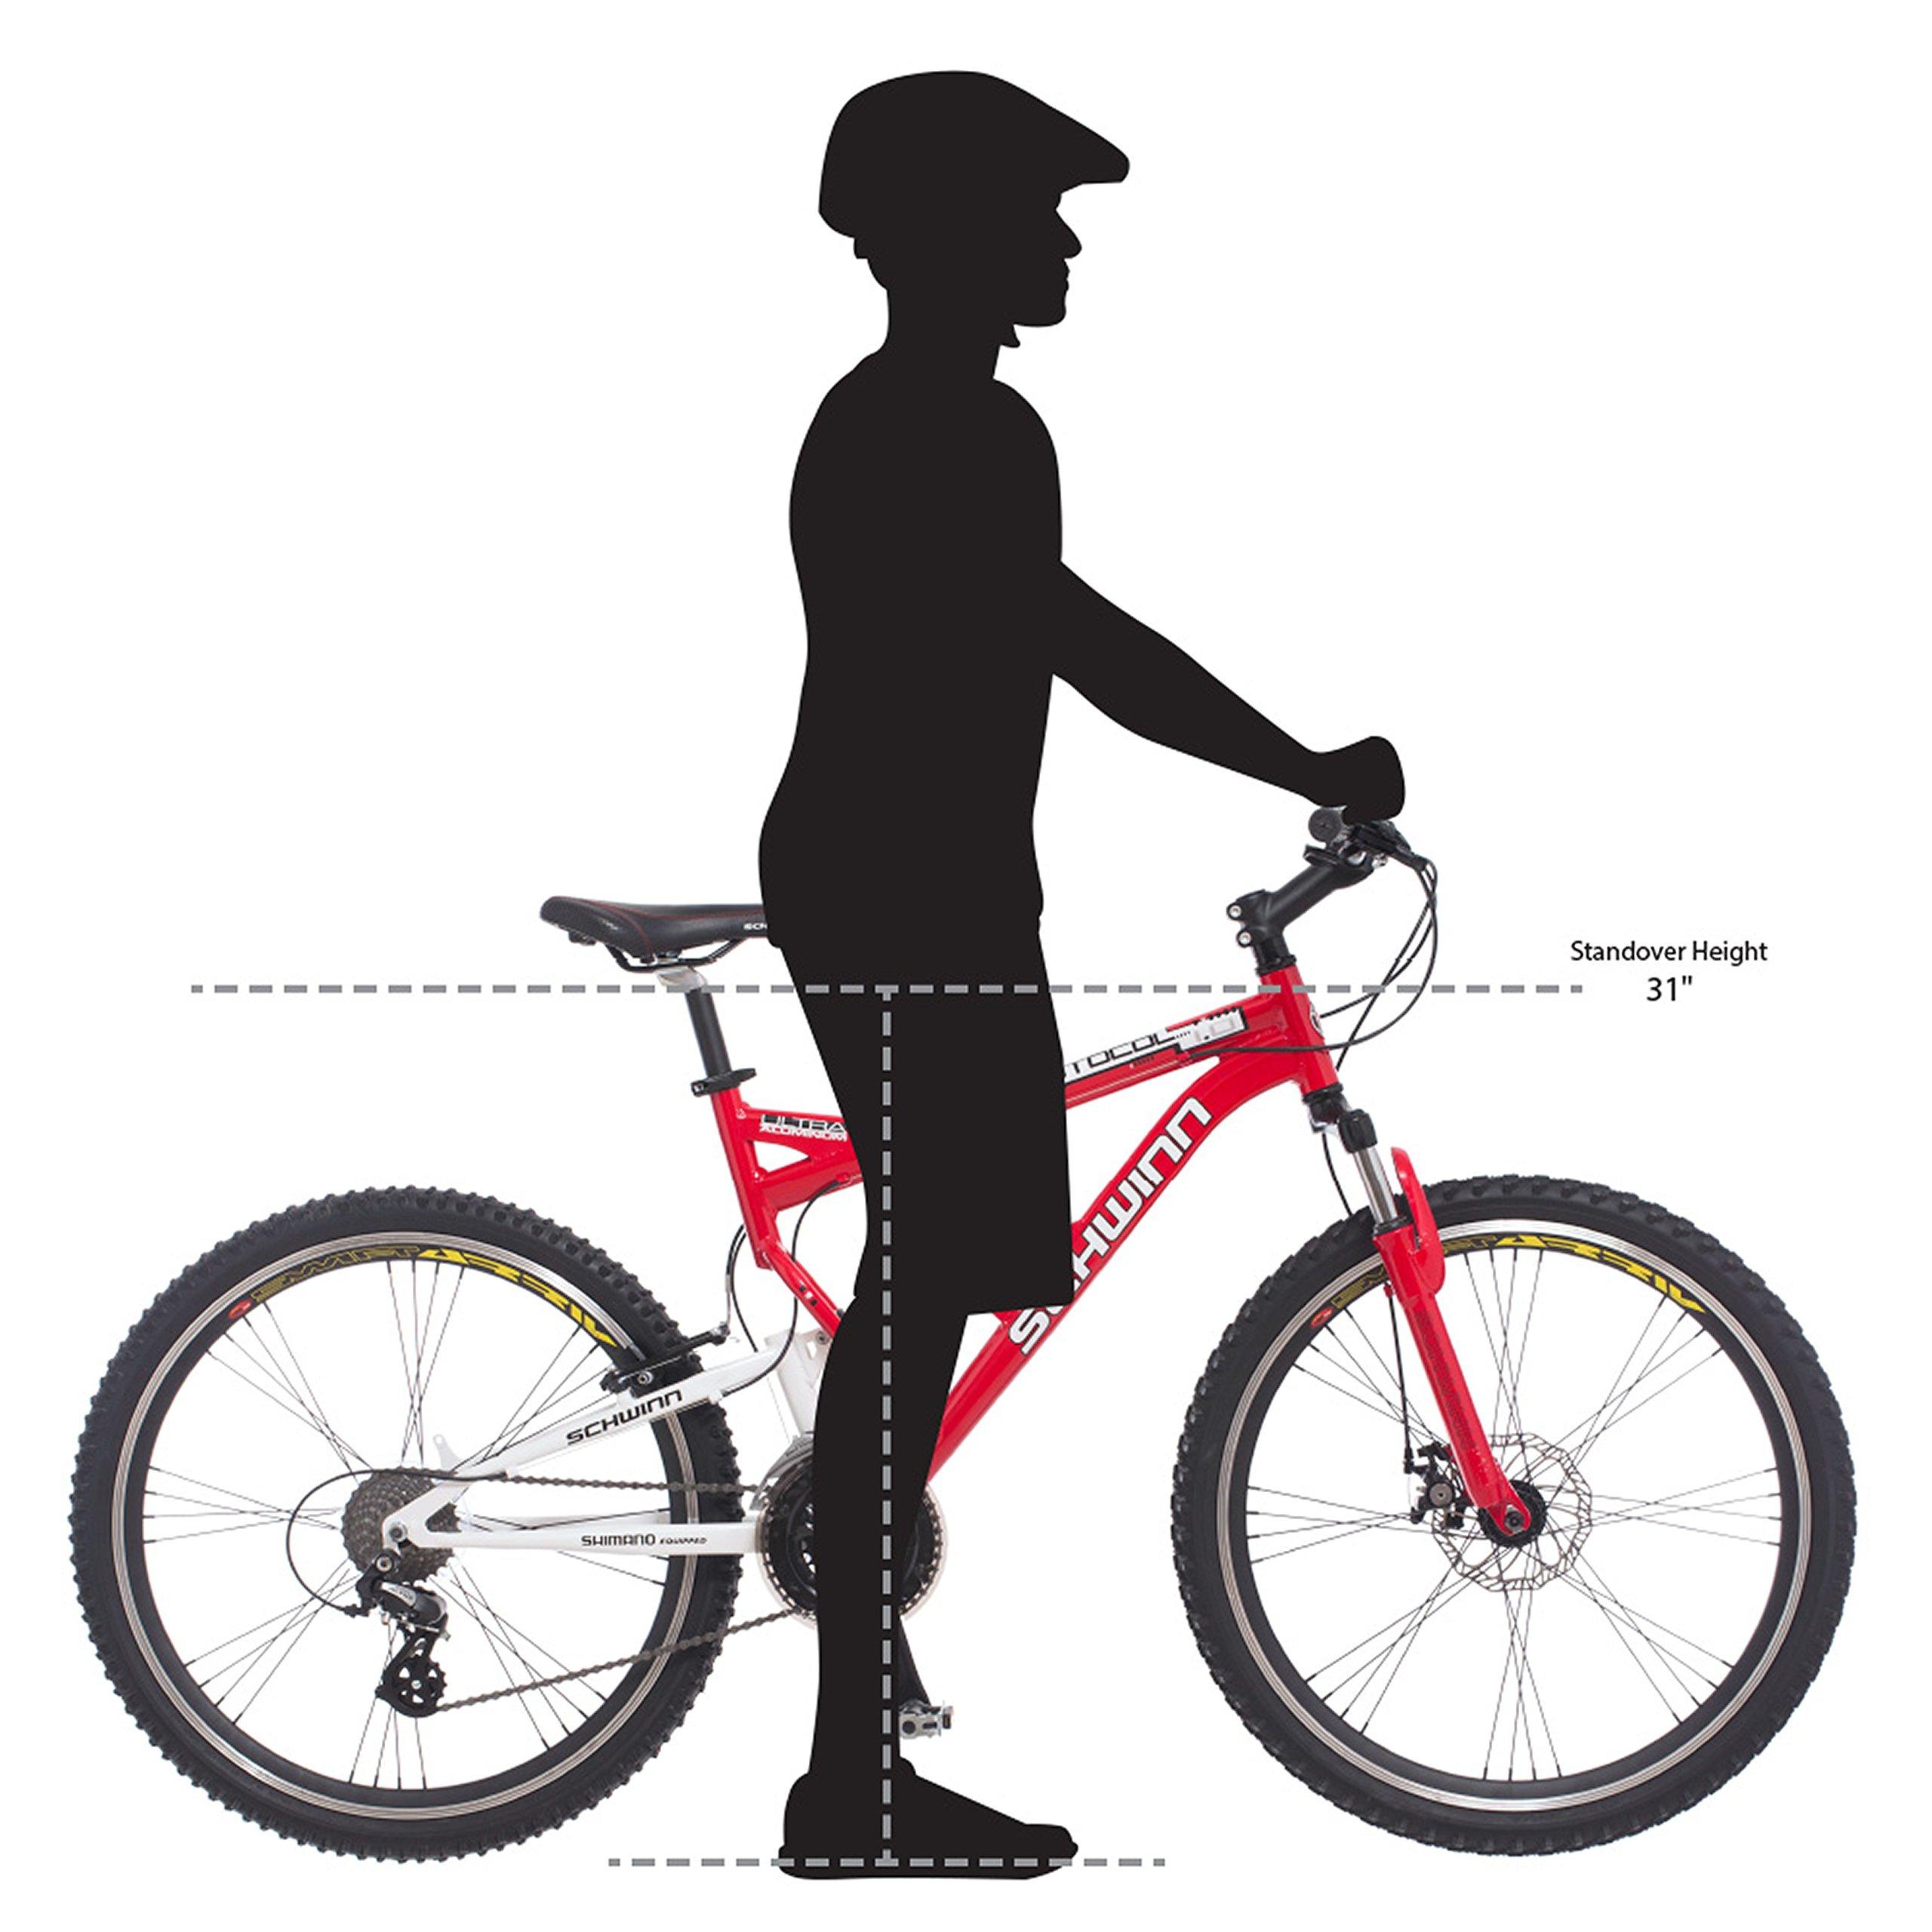 Schwinn Protocol 1.0 Men's Dual-Suspension Mountain Bike (26-Inch Wheels, Red) by Schwinn (Image #6)